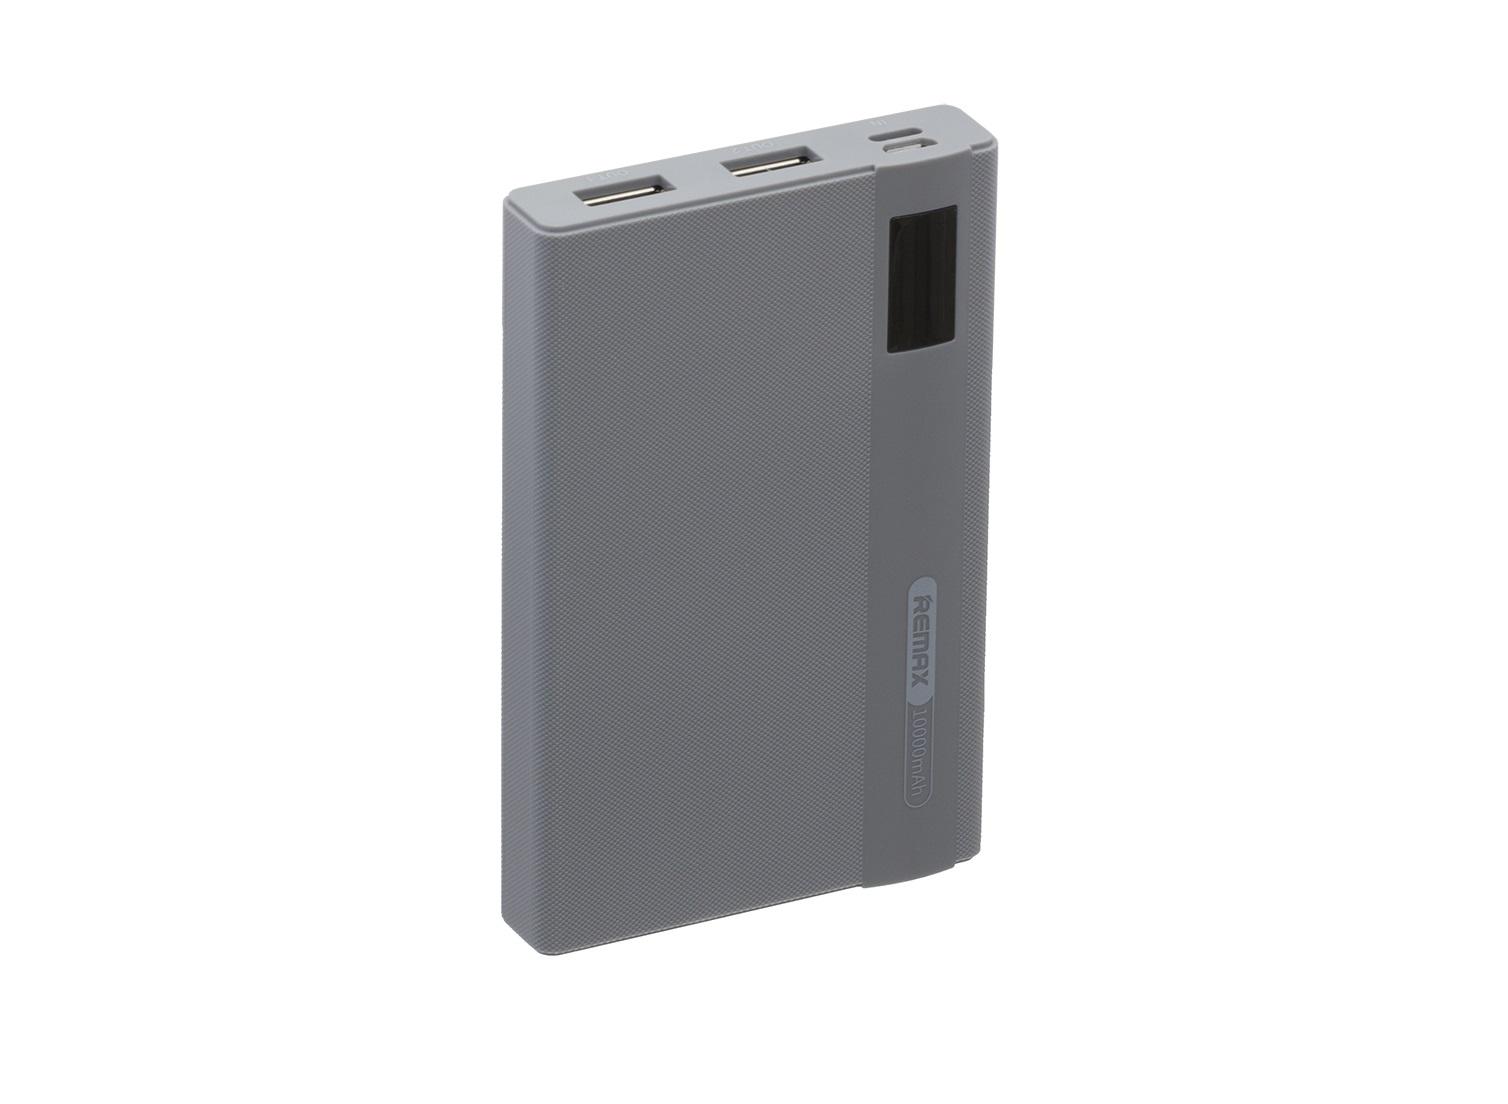 Внешний аккумулятор REMAX RPP-53, серый аккумулятор remax proda 30000 mah black